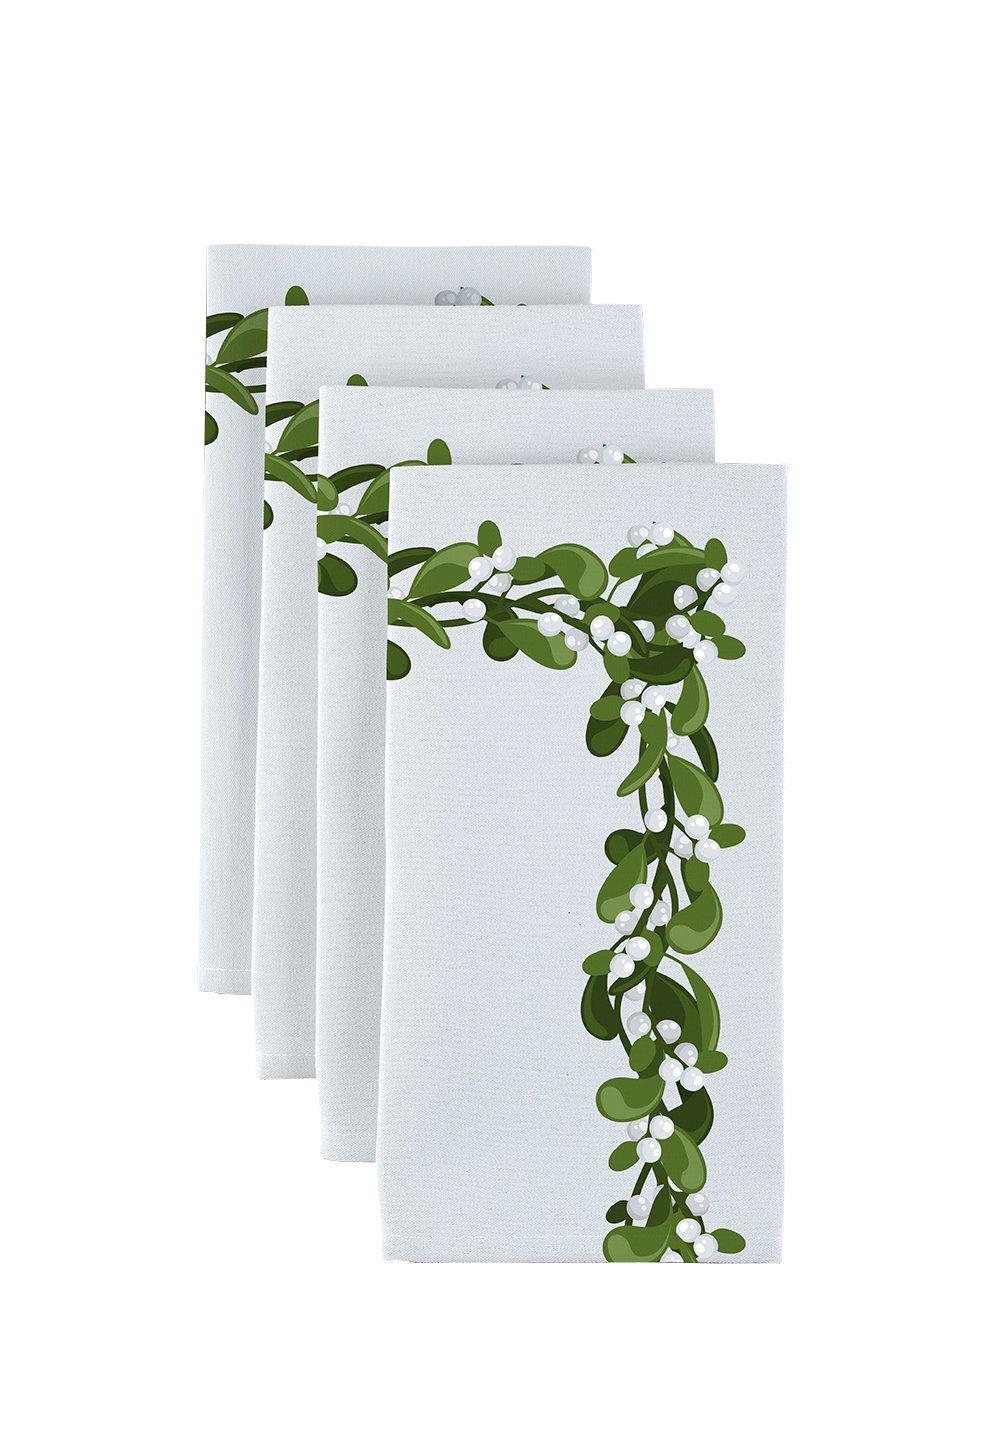 生地テキスタイル製品Mistletoe Borderナプキン18